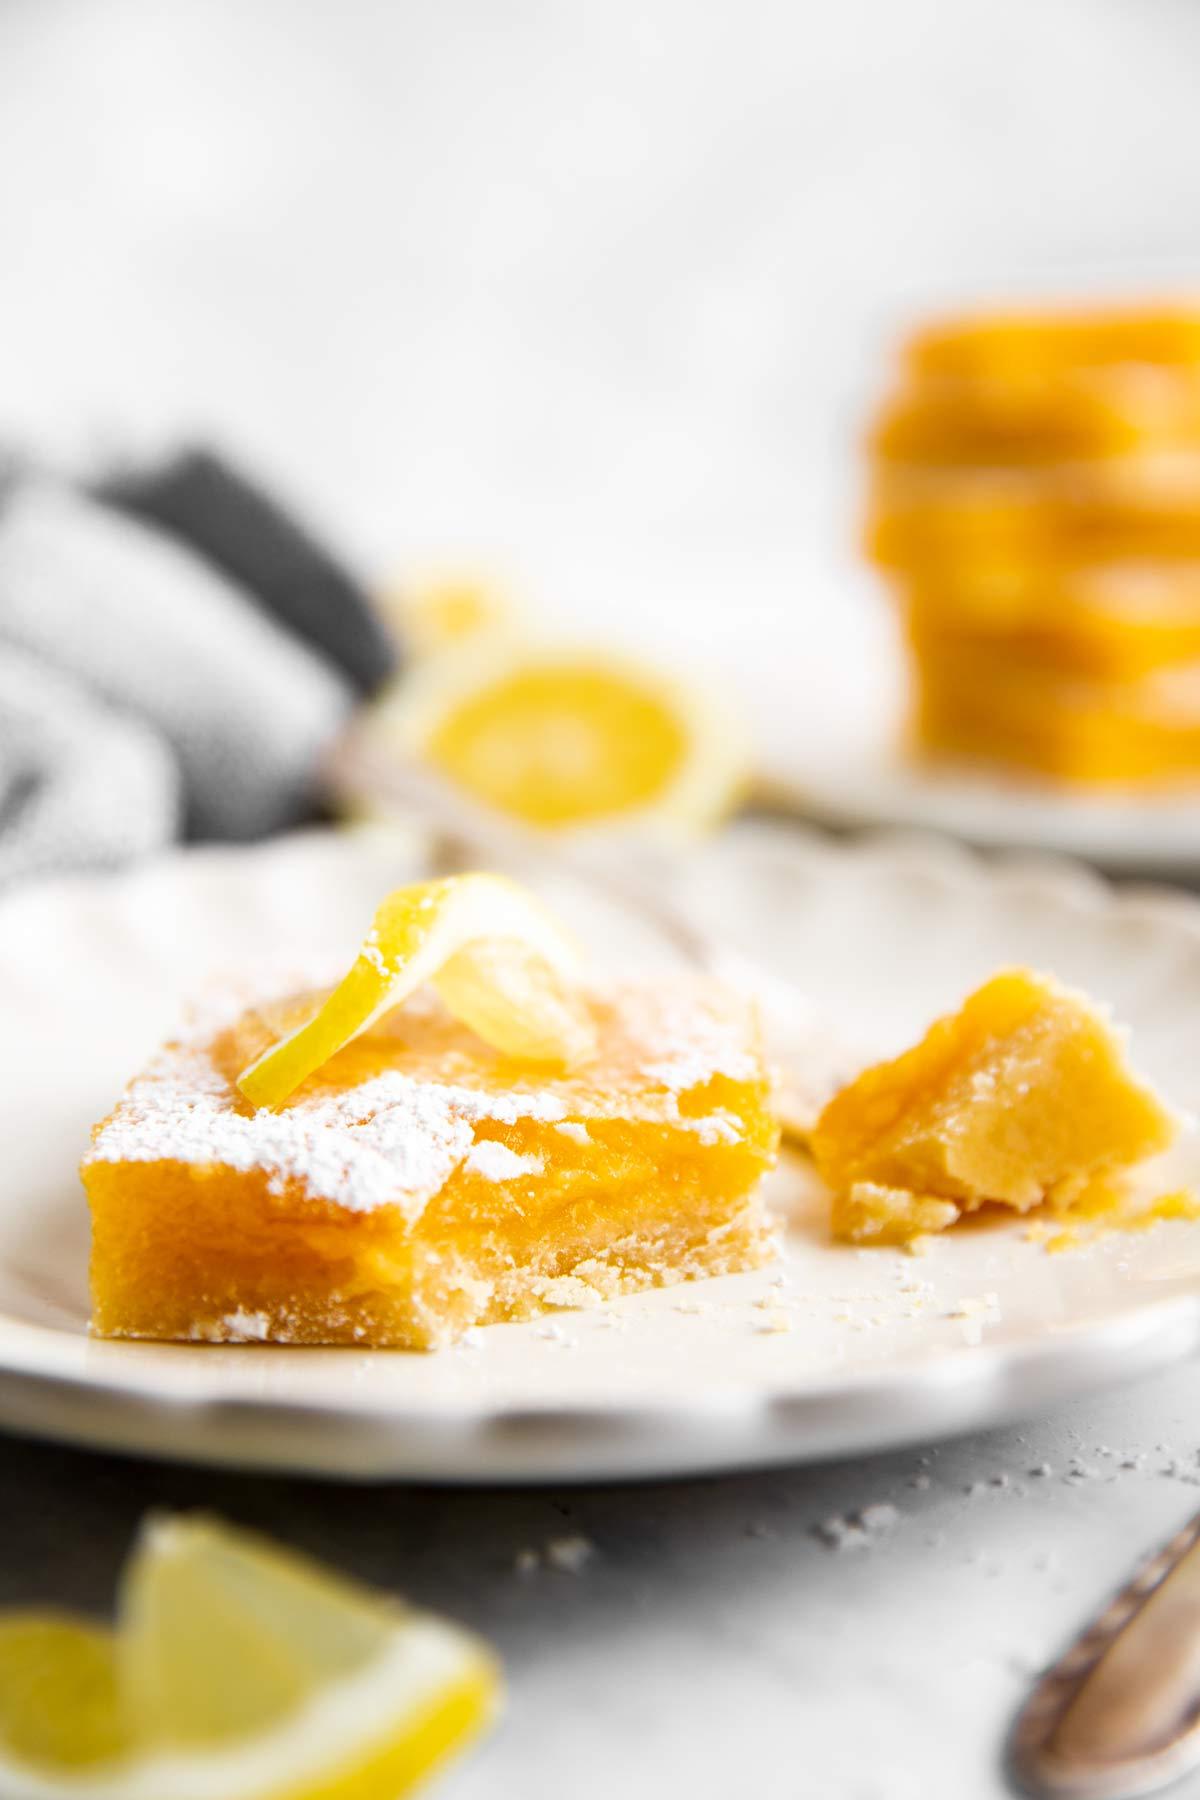 Zitronenschnitte auf einem Teller mit Gabel